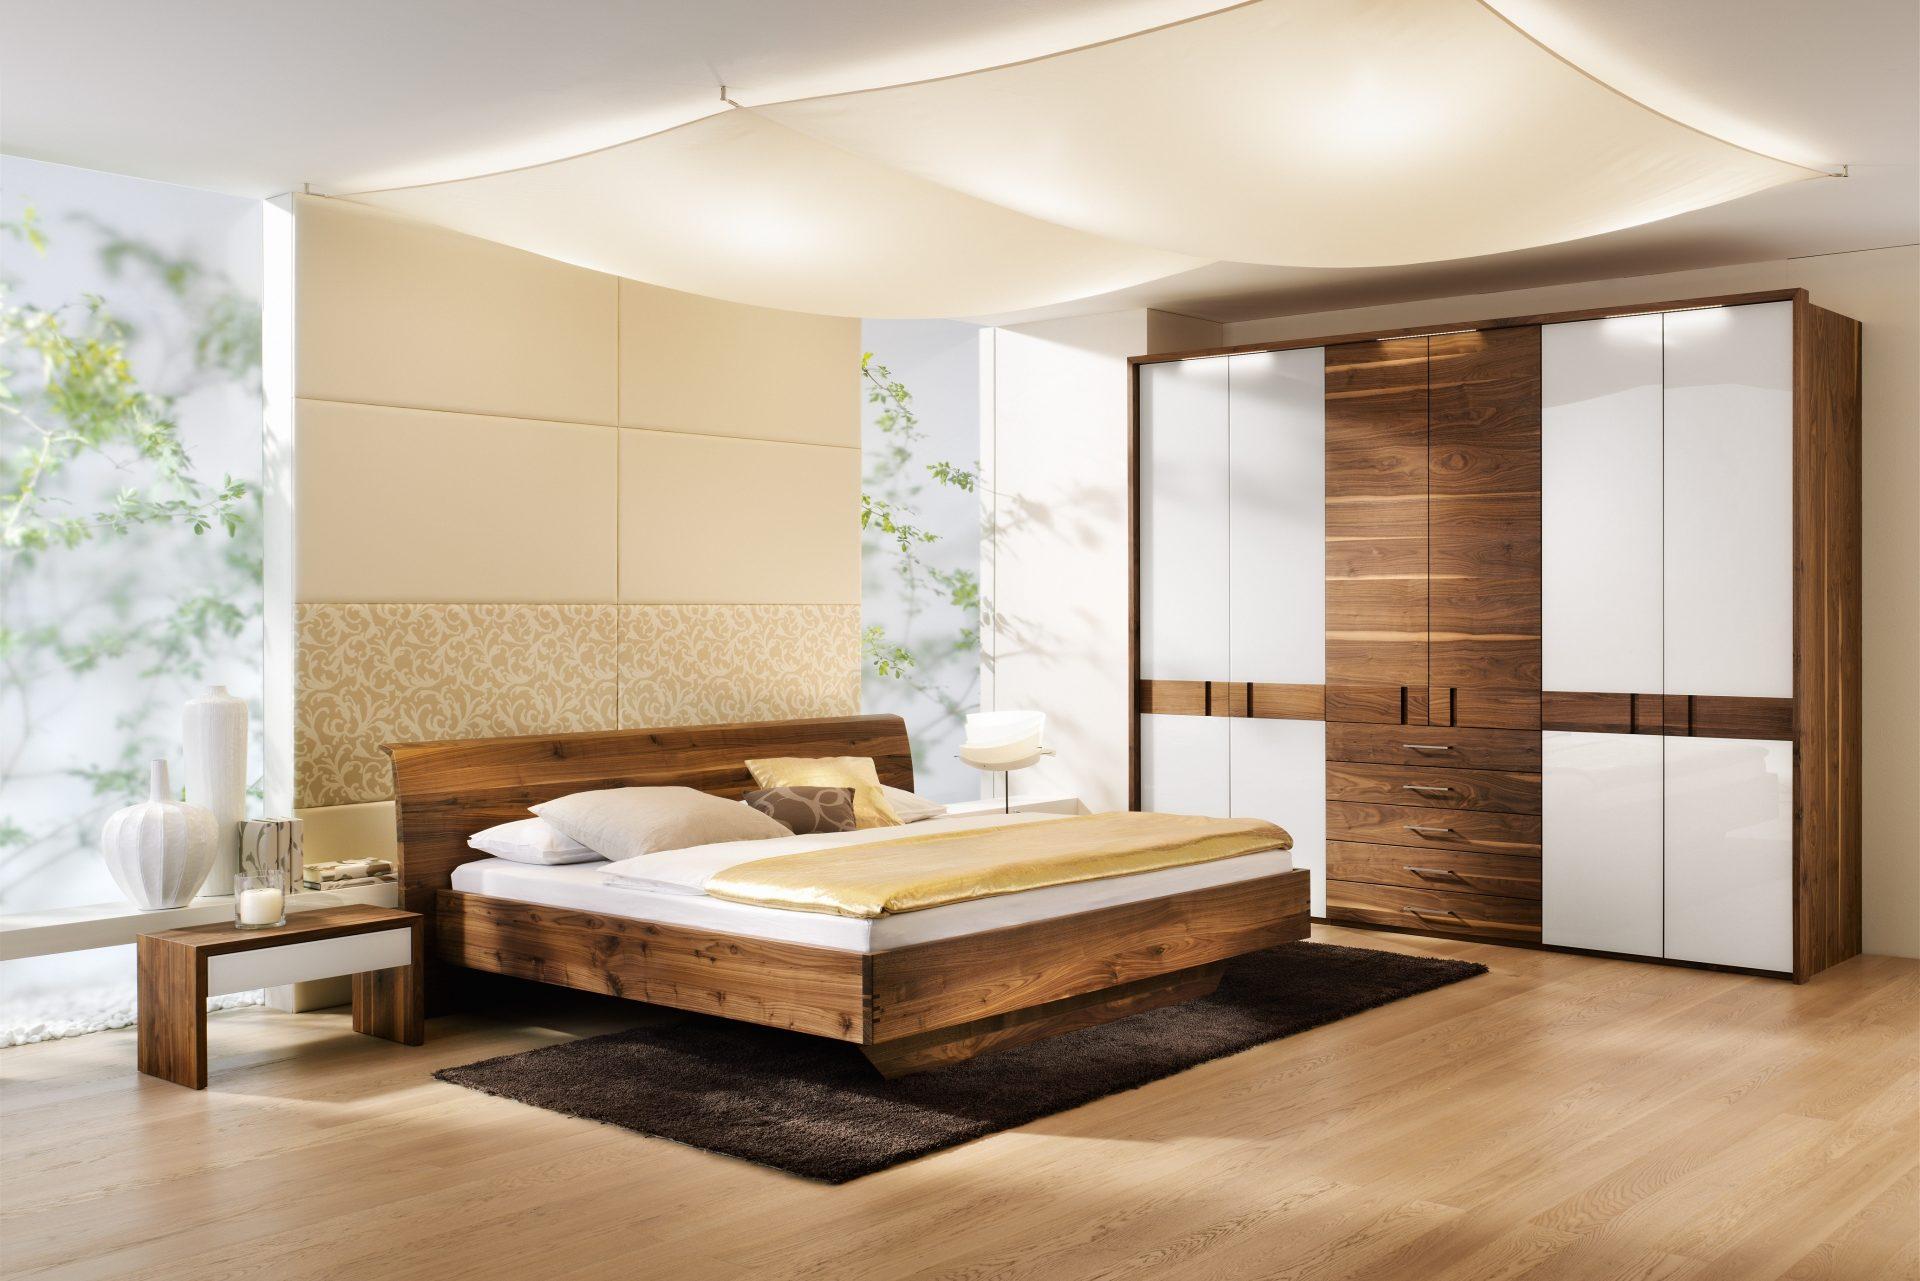 schlafzimmer rio kohler nat rlich einrichten naturholzm bel team 7 naturm bel massivholzm bel. Black Bedroom Furniture Sets. Home Design Ideas